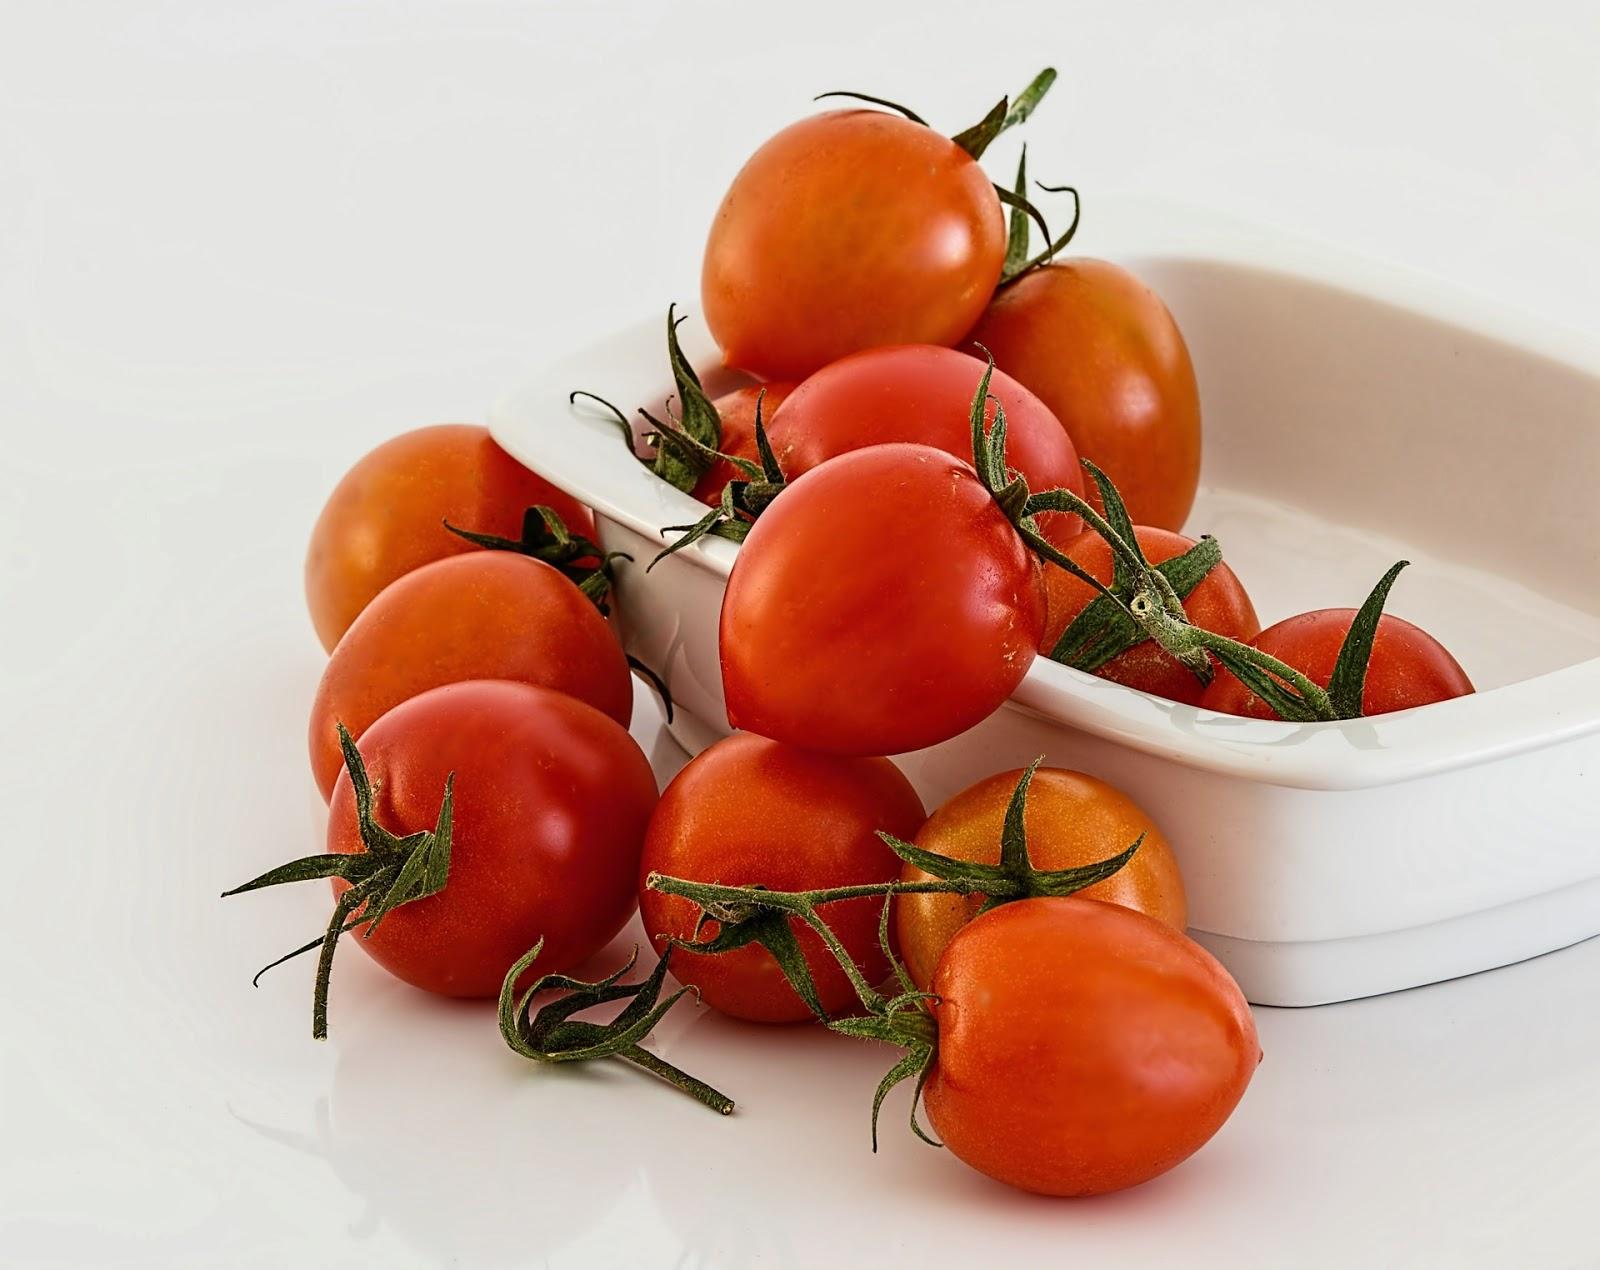 Δείτε πως επιταχύνουμε την ωρίμανση της ντομάτας οικολογικά...